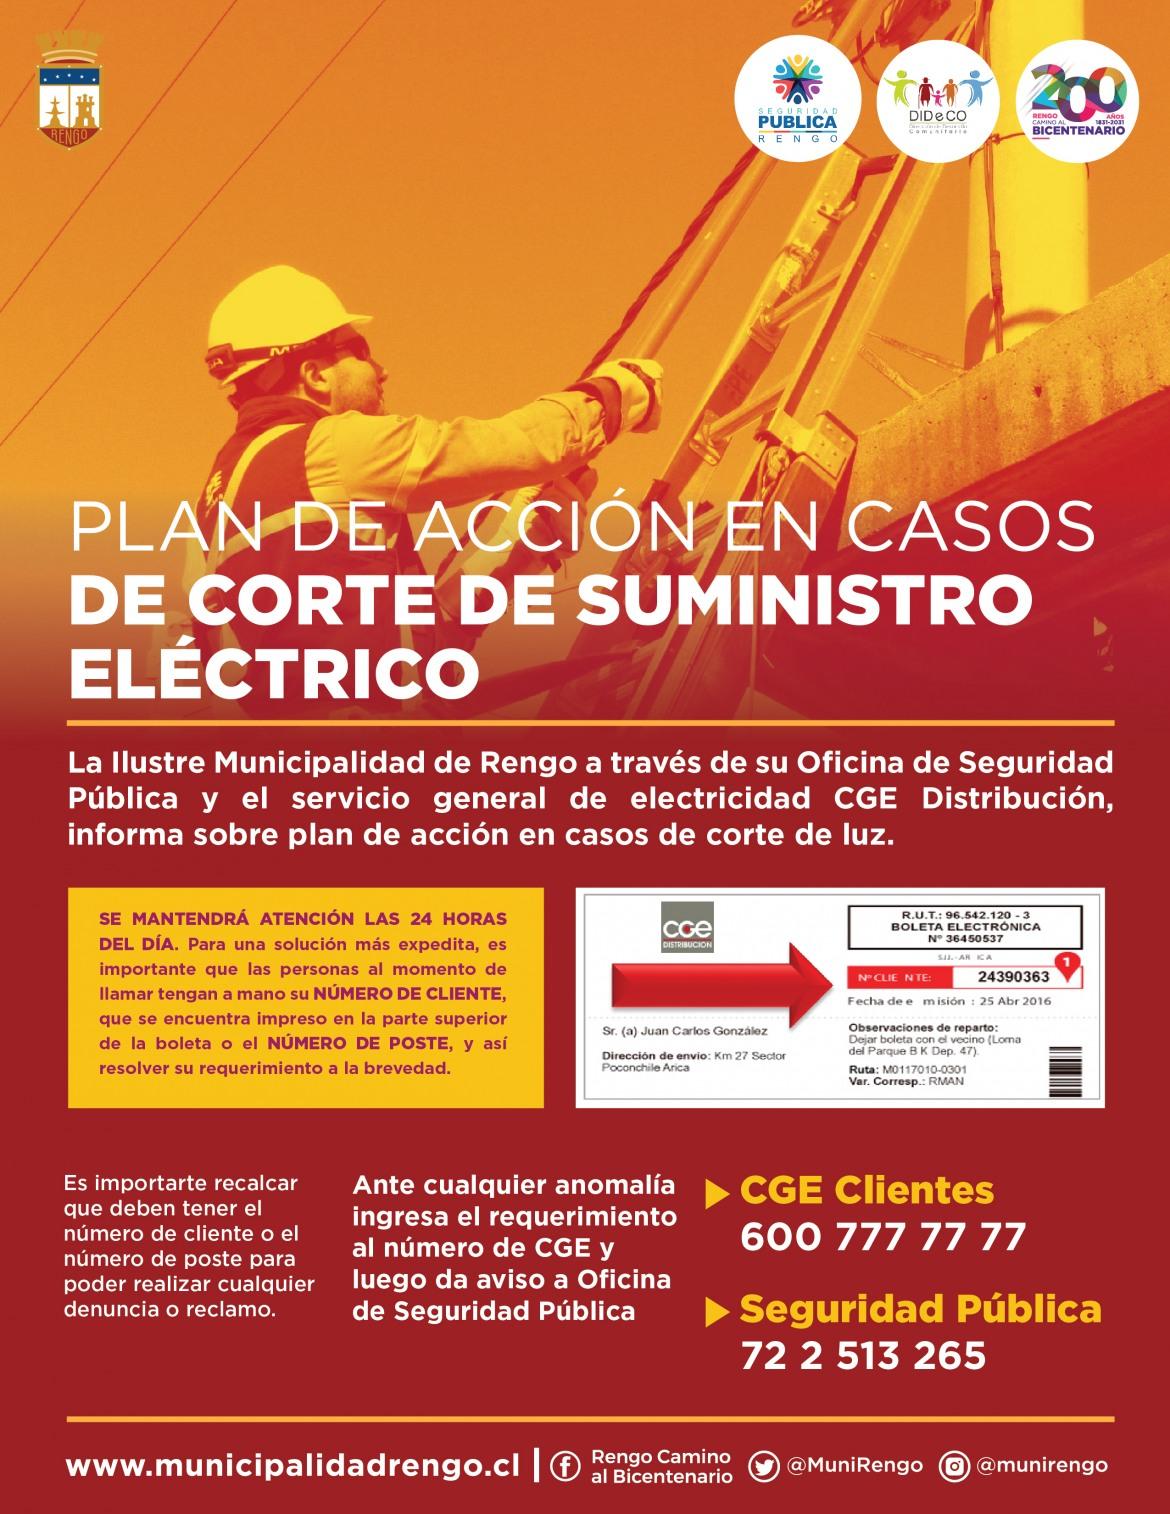 PLAN DE ACCIÓN EN CASOS DE CORTE DE SUMINISTRO ELÉCTRICO